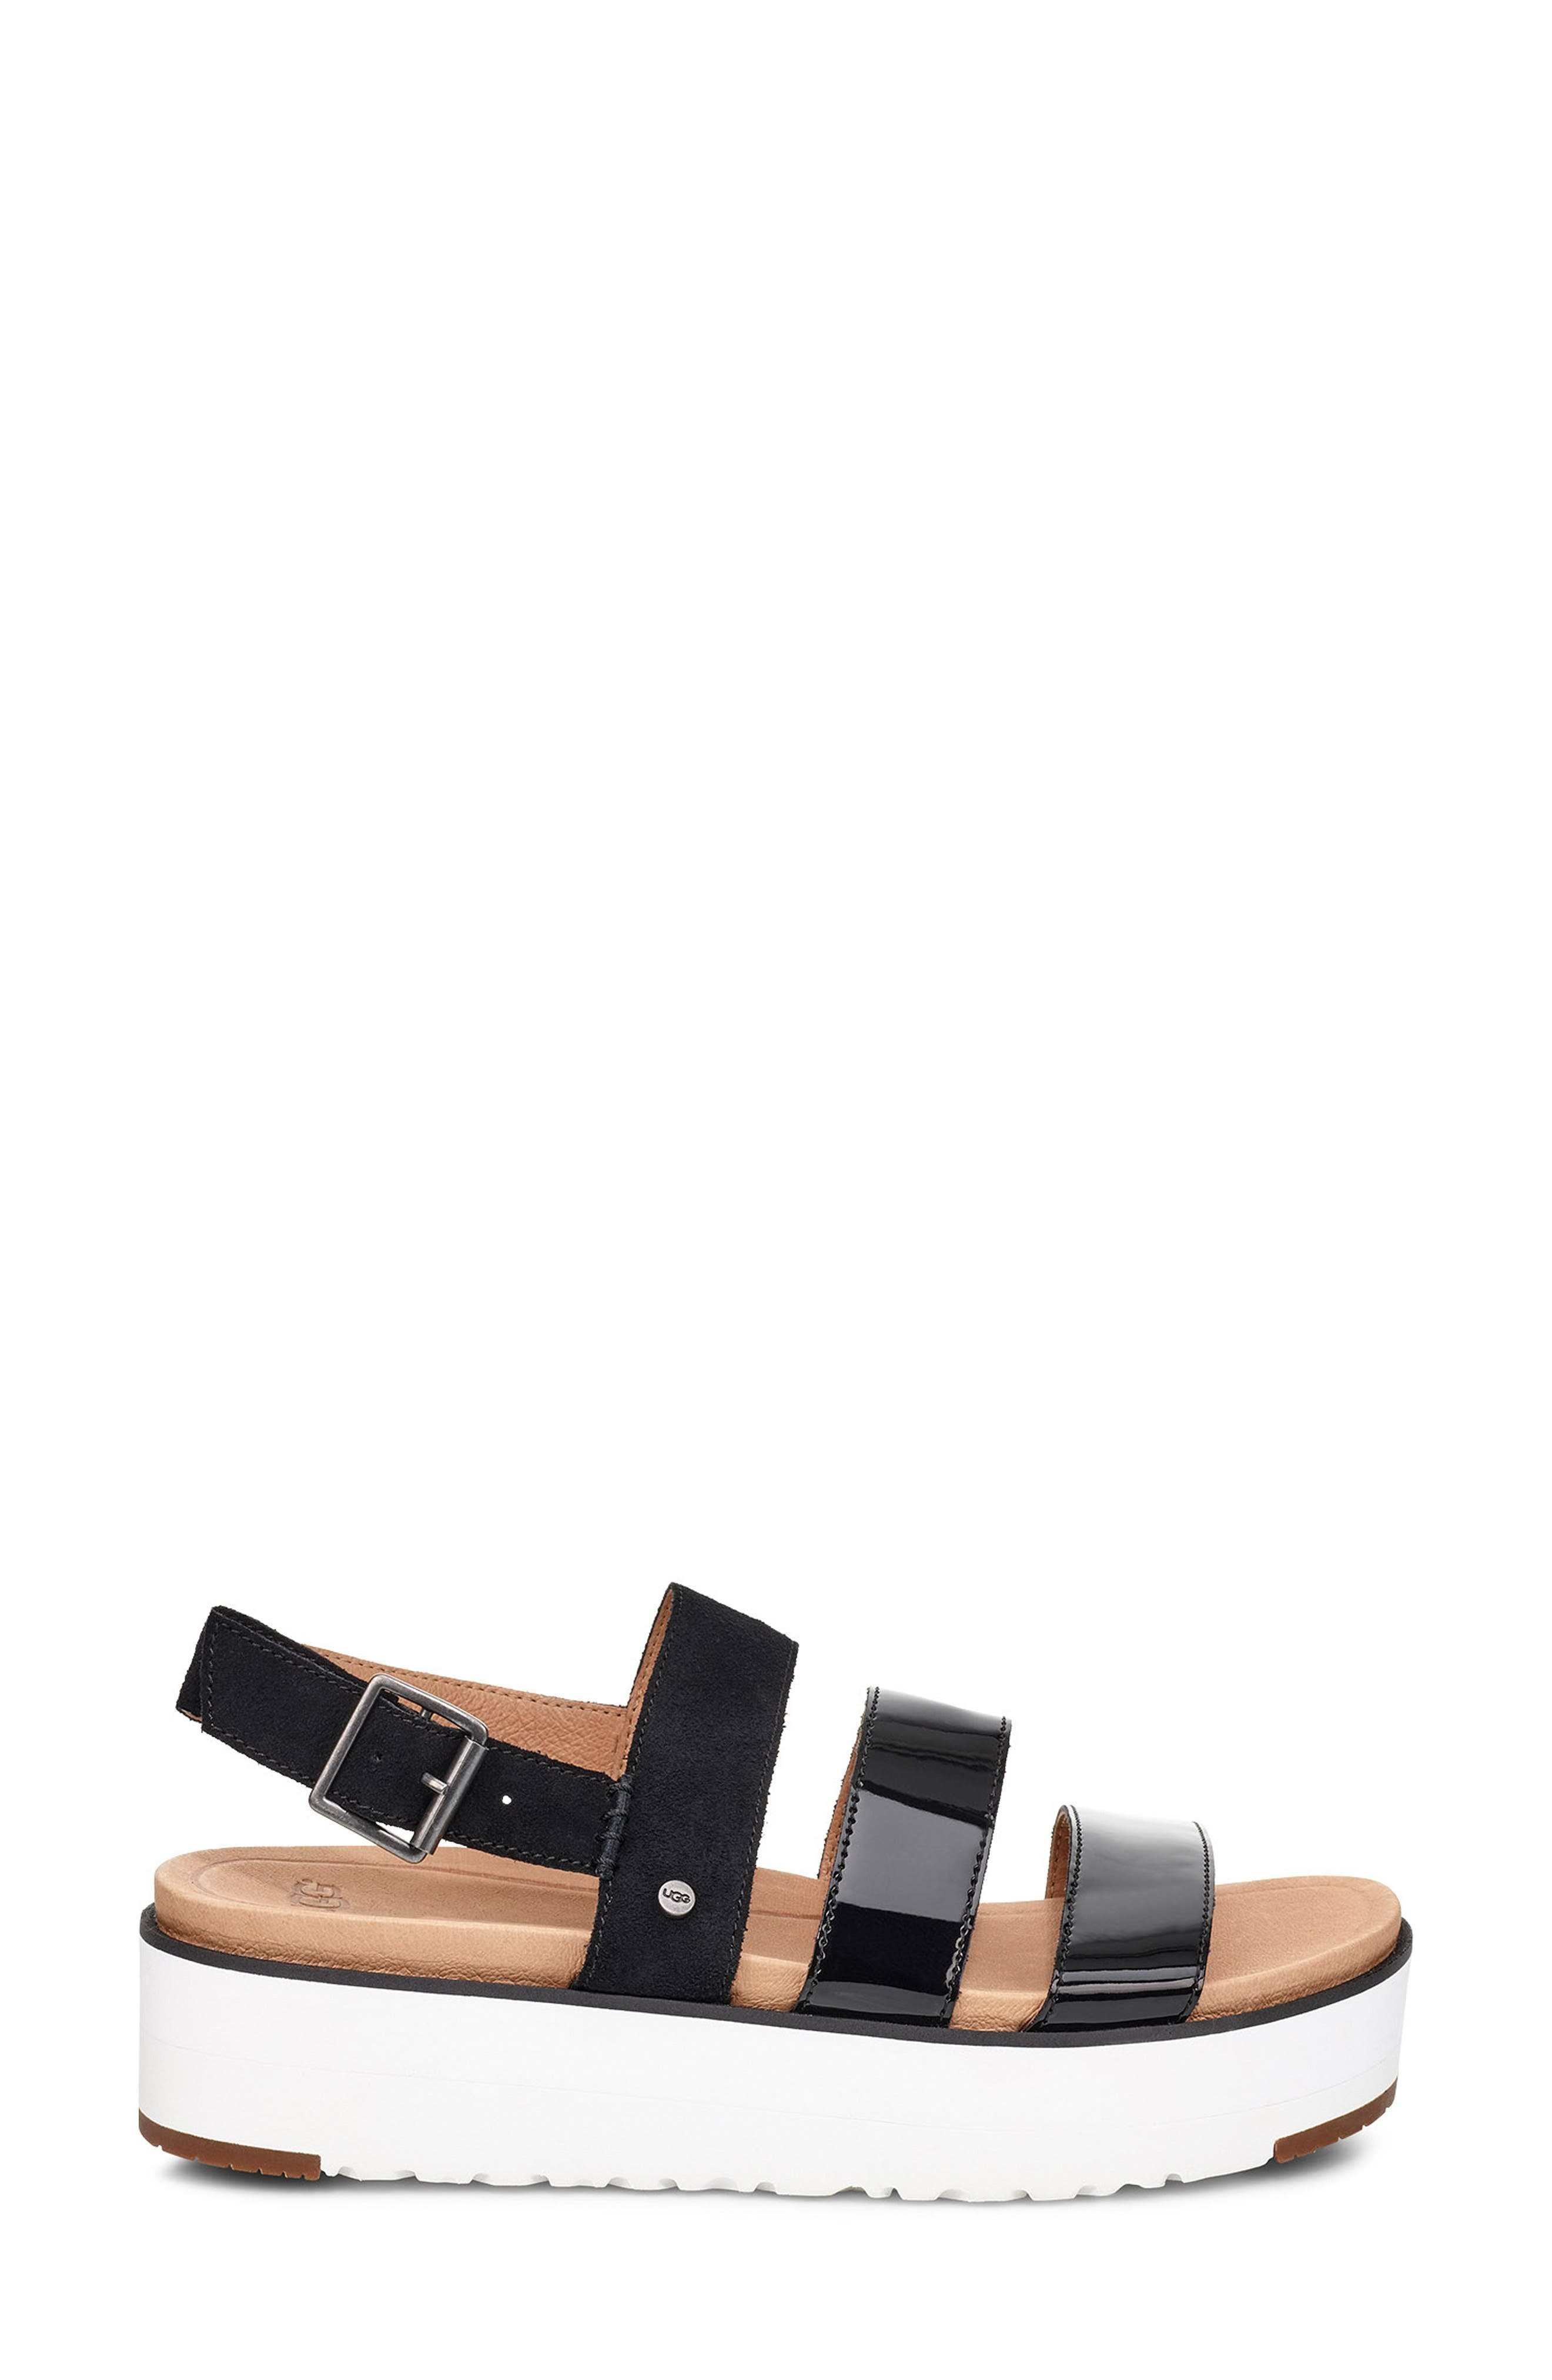 UGG<SUP>®</SUP>, Braelynn Flatform Sandal, Alternate thumbnail 3, color, BLACK LEATHER